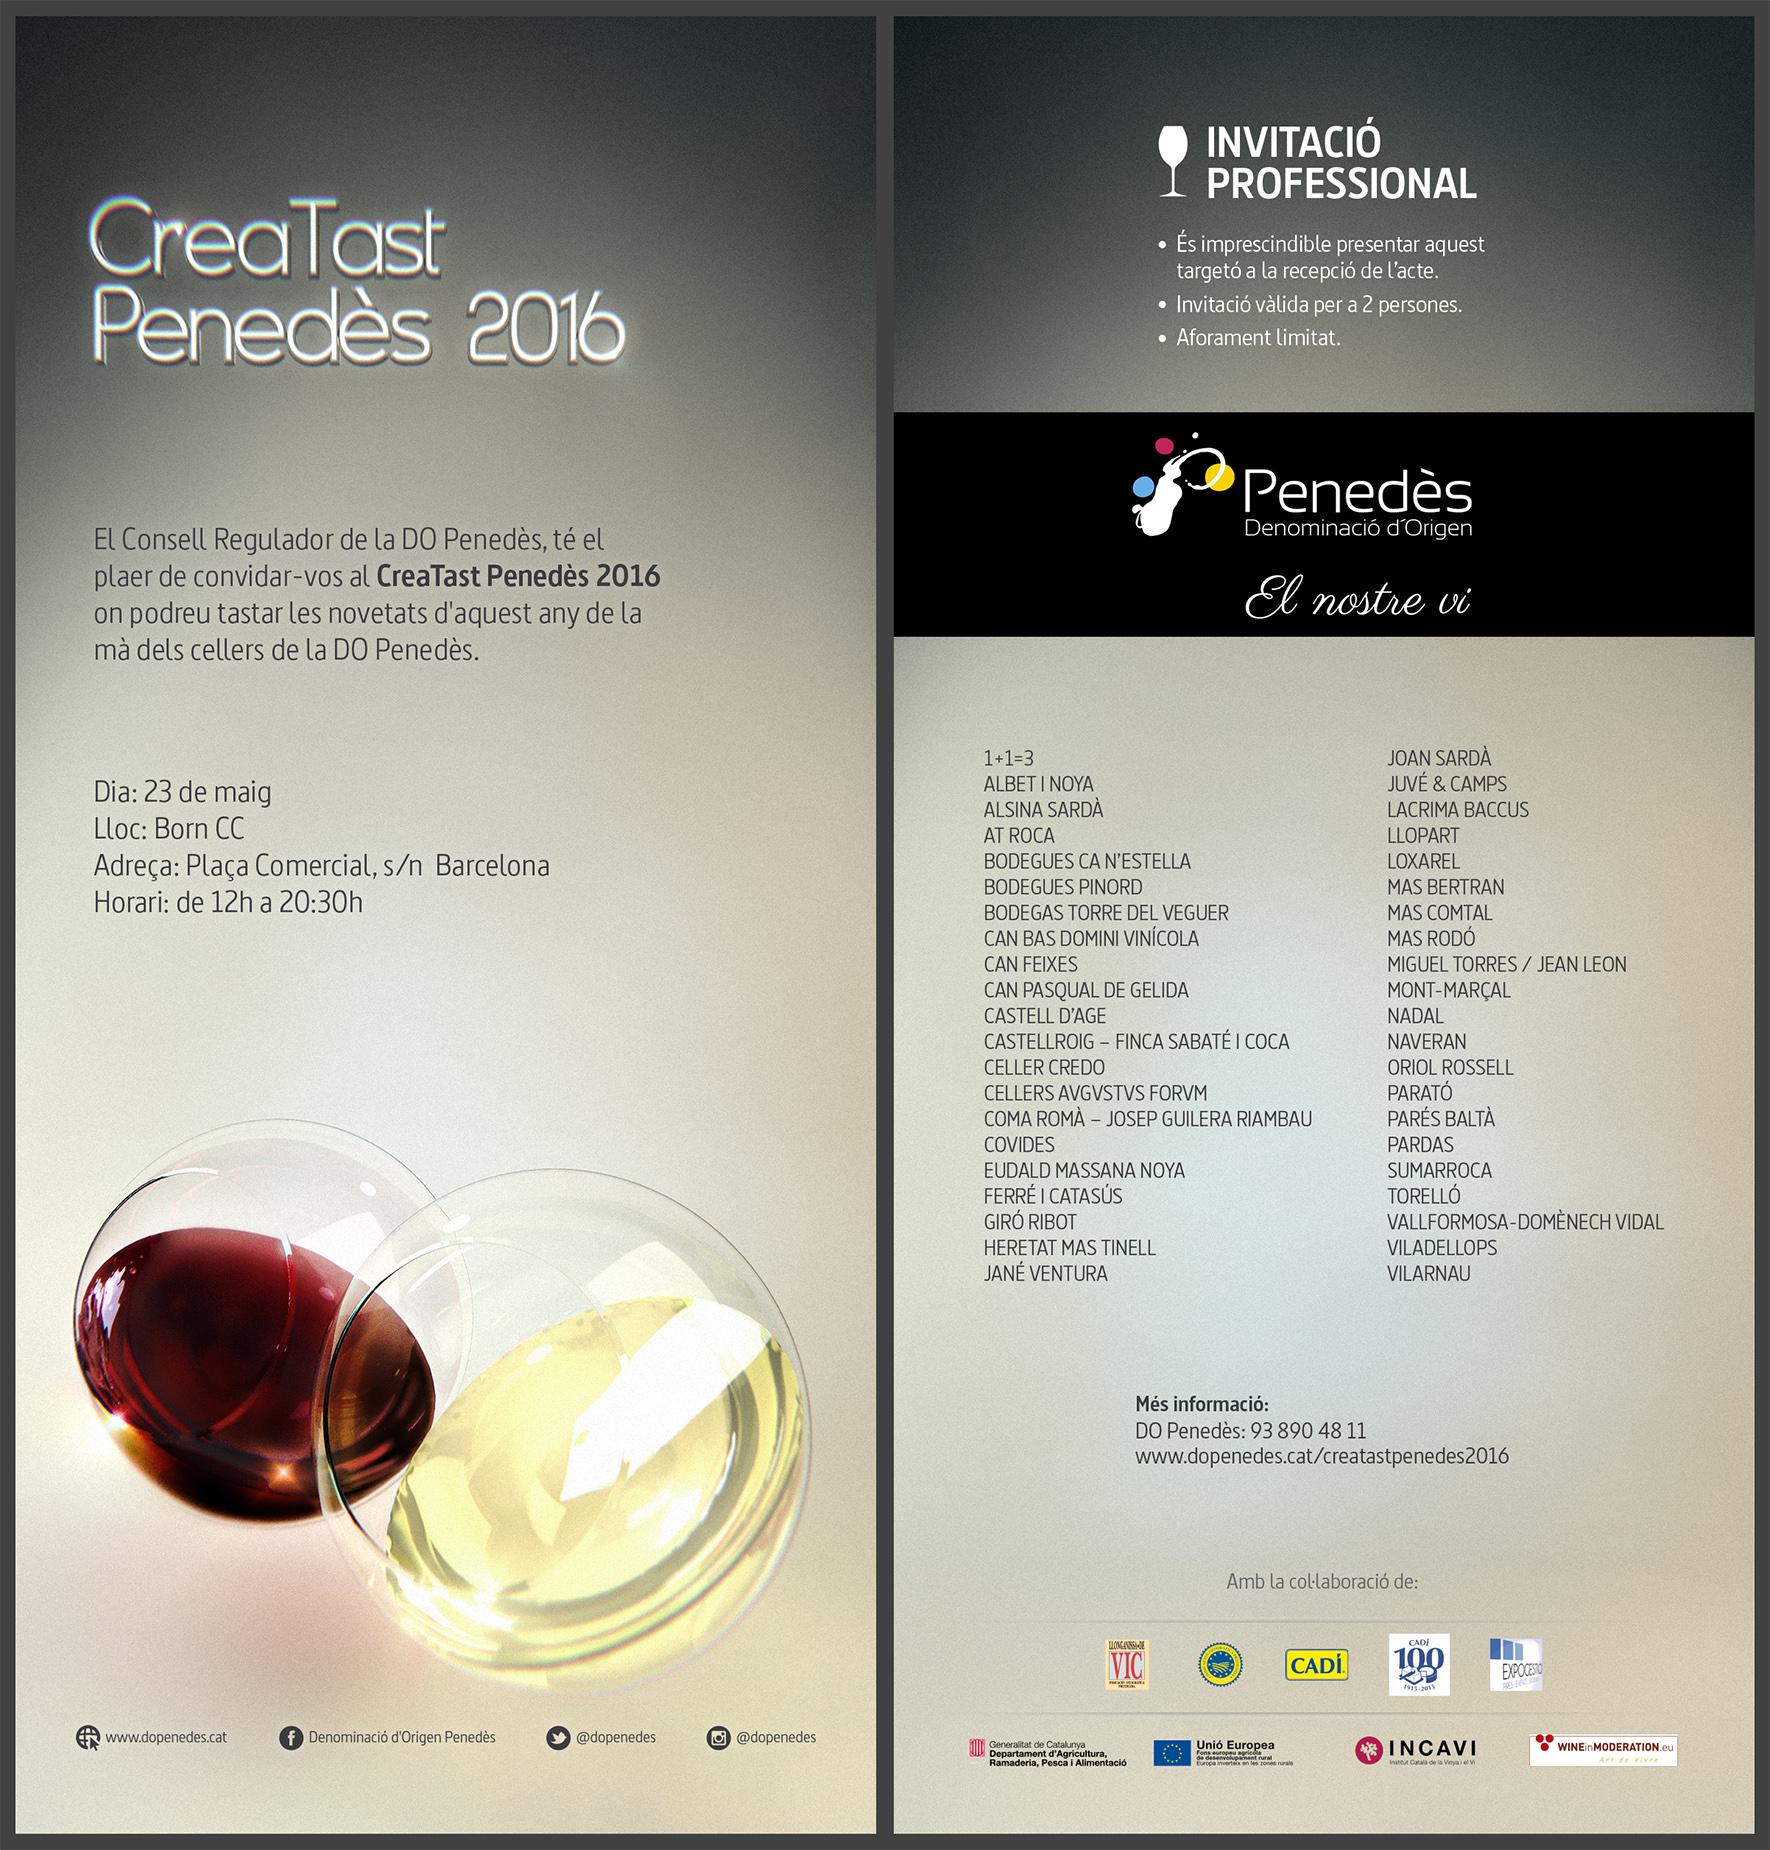 INVITACIO CREATAST PENEDES 2016-BCN JPG